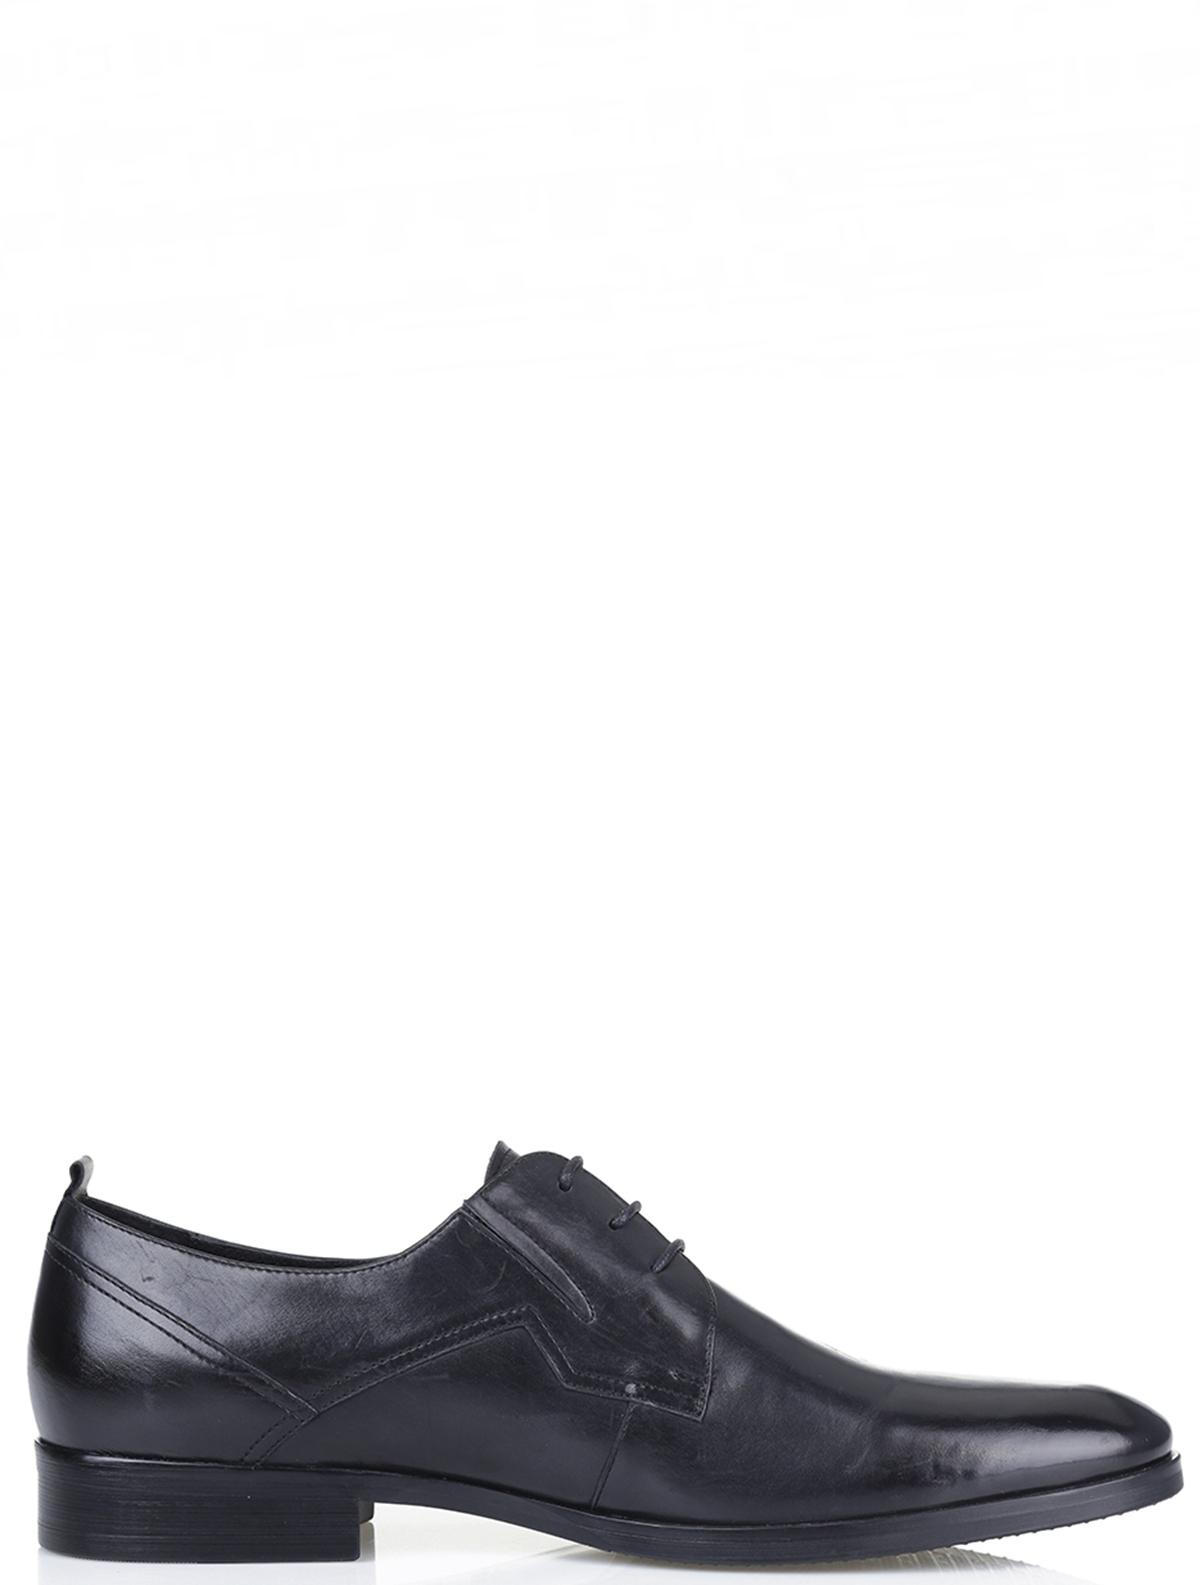 Respect SS83-100834 мужские туфли